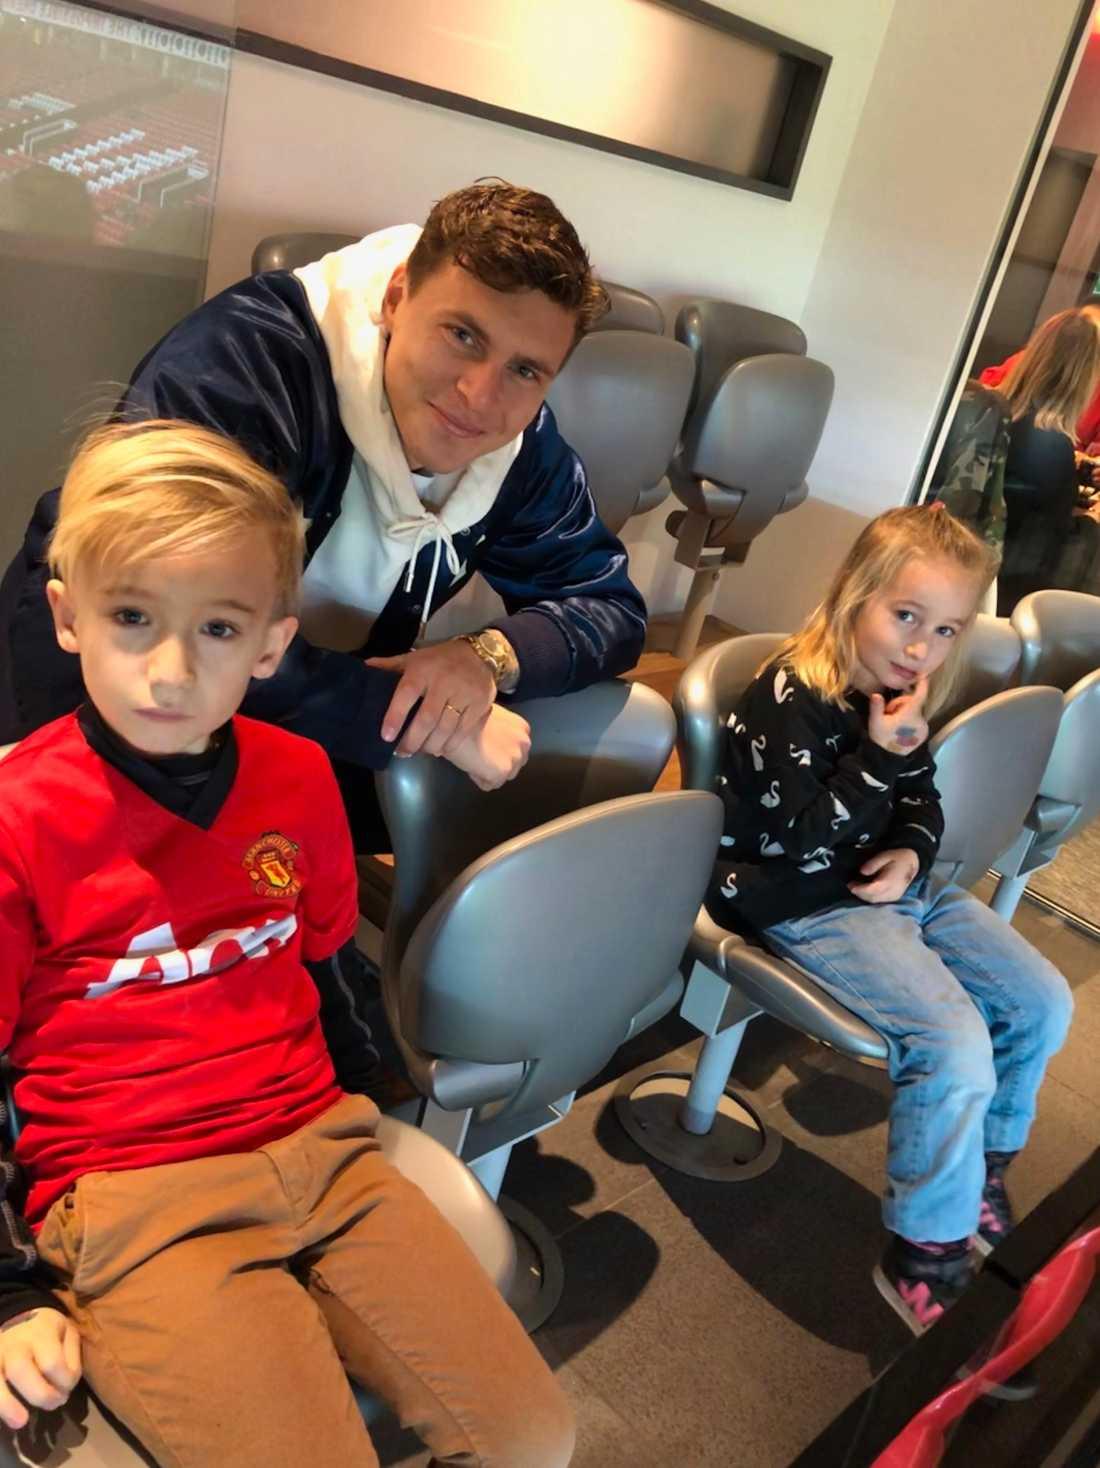 Noah och Lovis fick se matchen från Lindelöfs privata loge.